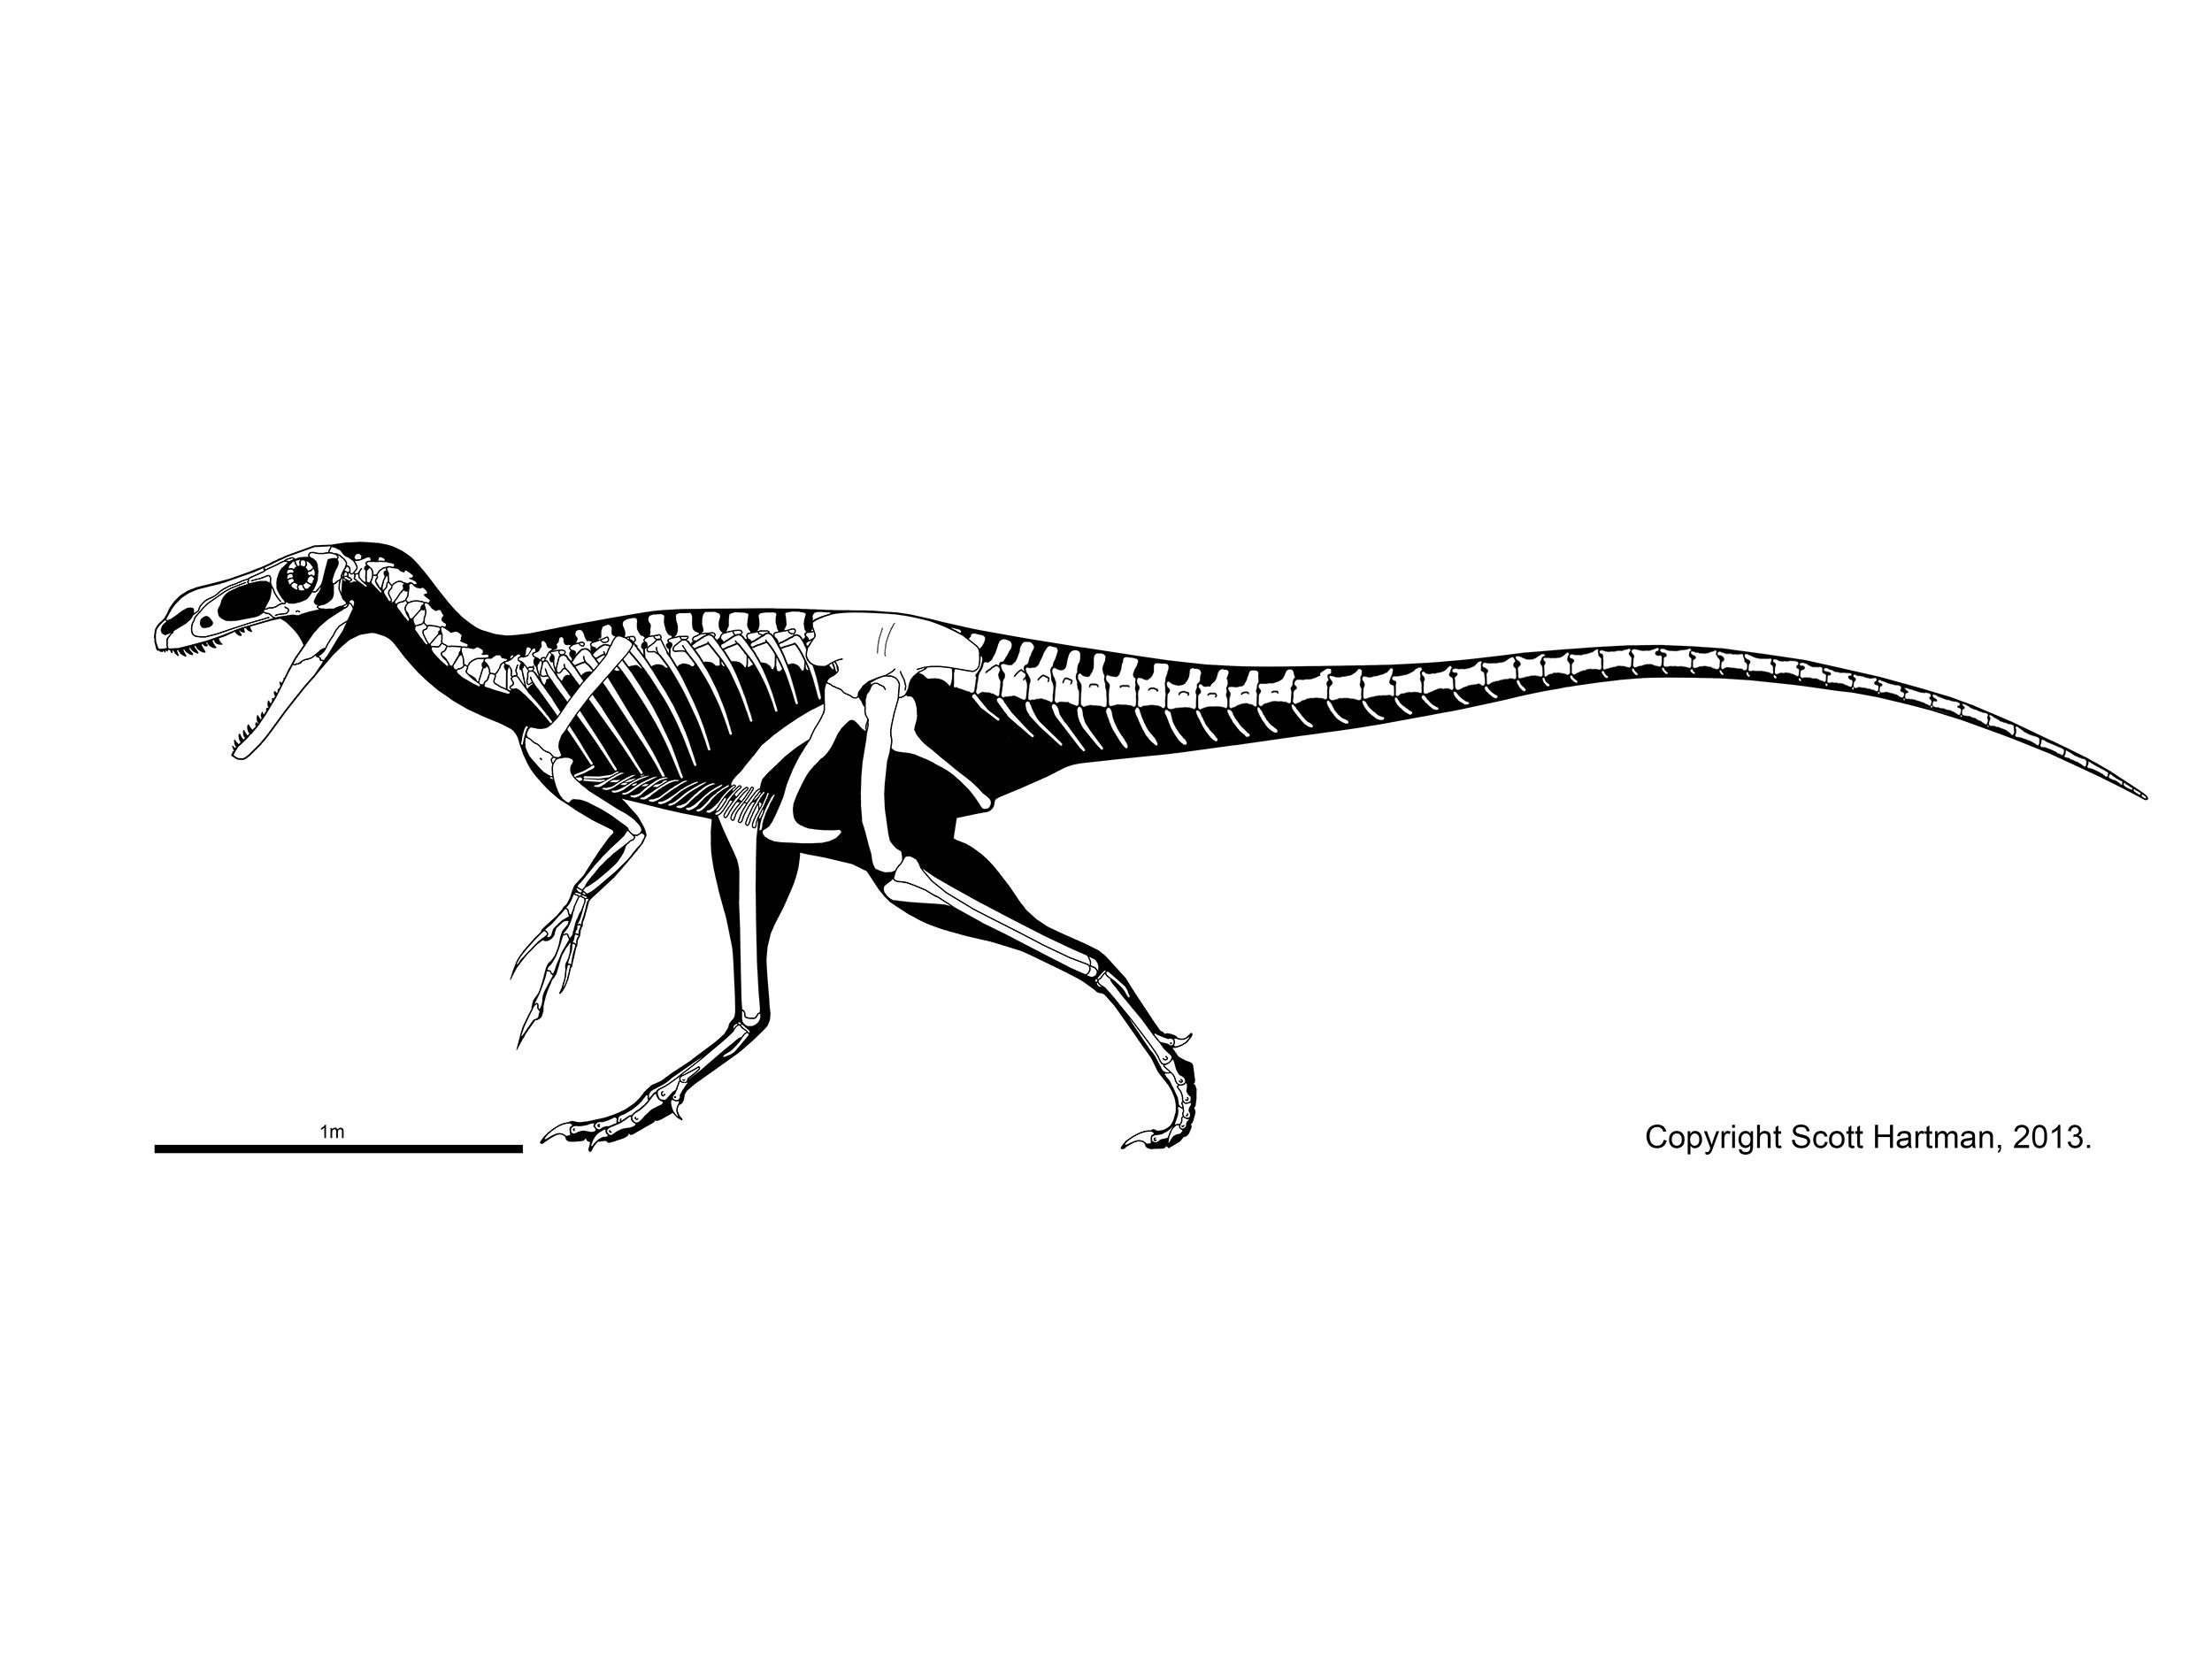 Stokesosaurus clevelandi